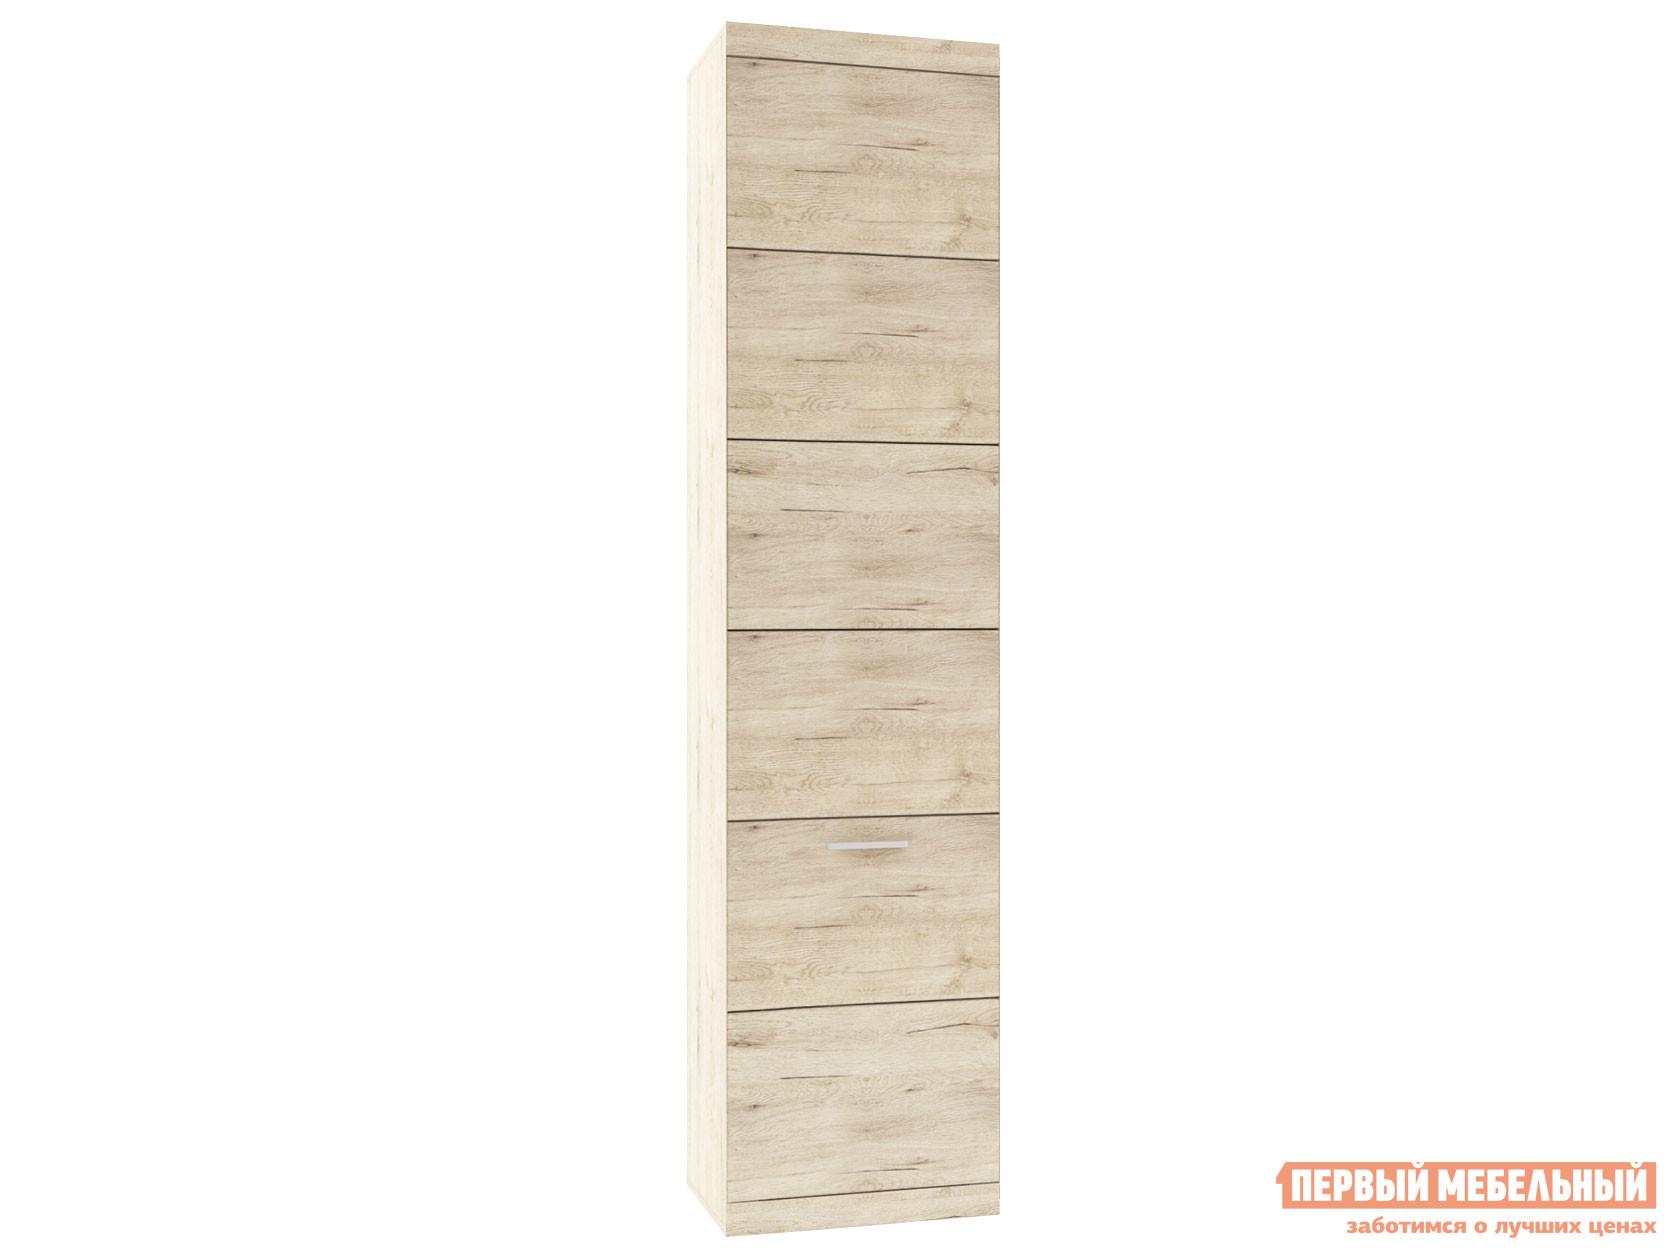 Шкаф распашной Первый Мебельный Пенал глубокий Оскар шкаф пенал первый мебельный пенал оскар 7 со штангой